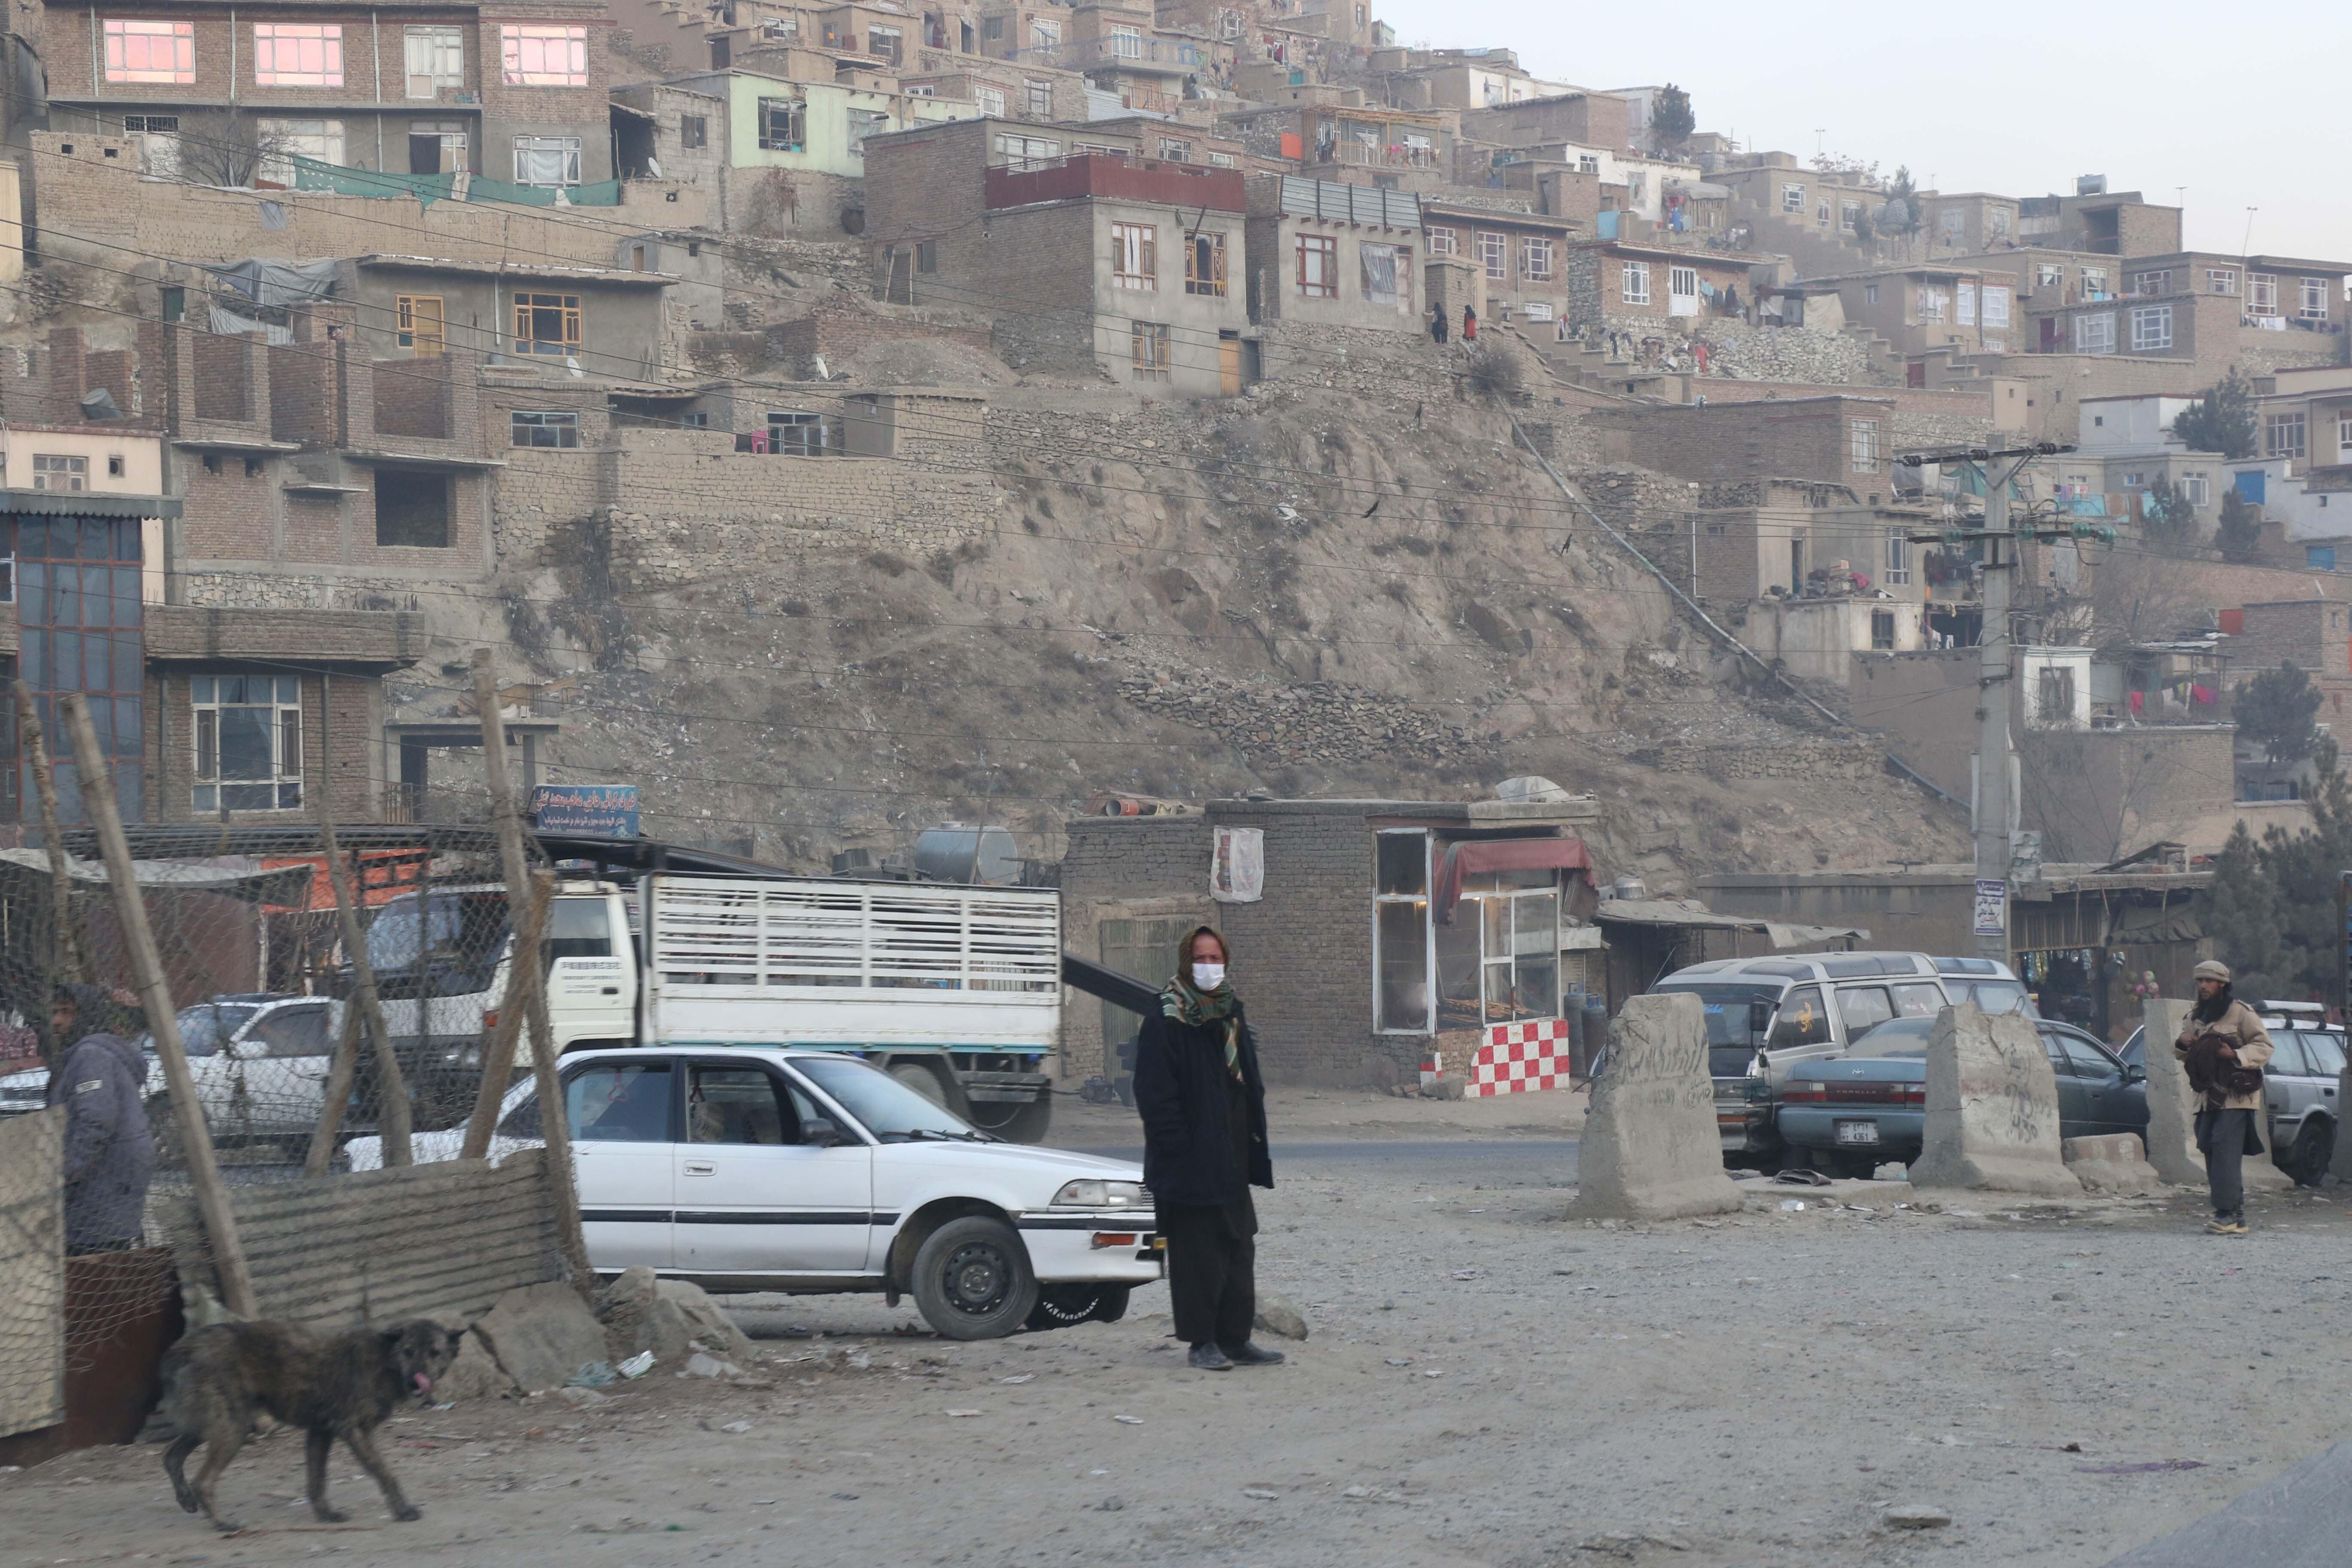 Négy robbantásos merénylet volt Kabulban